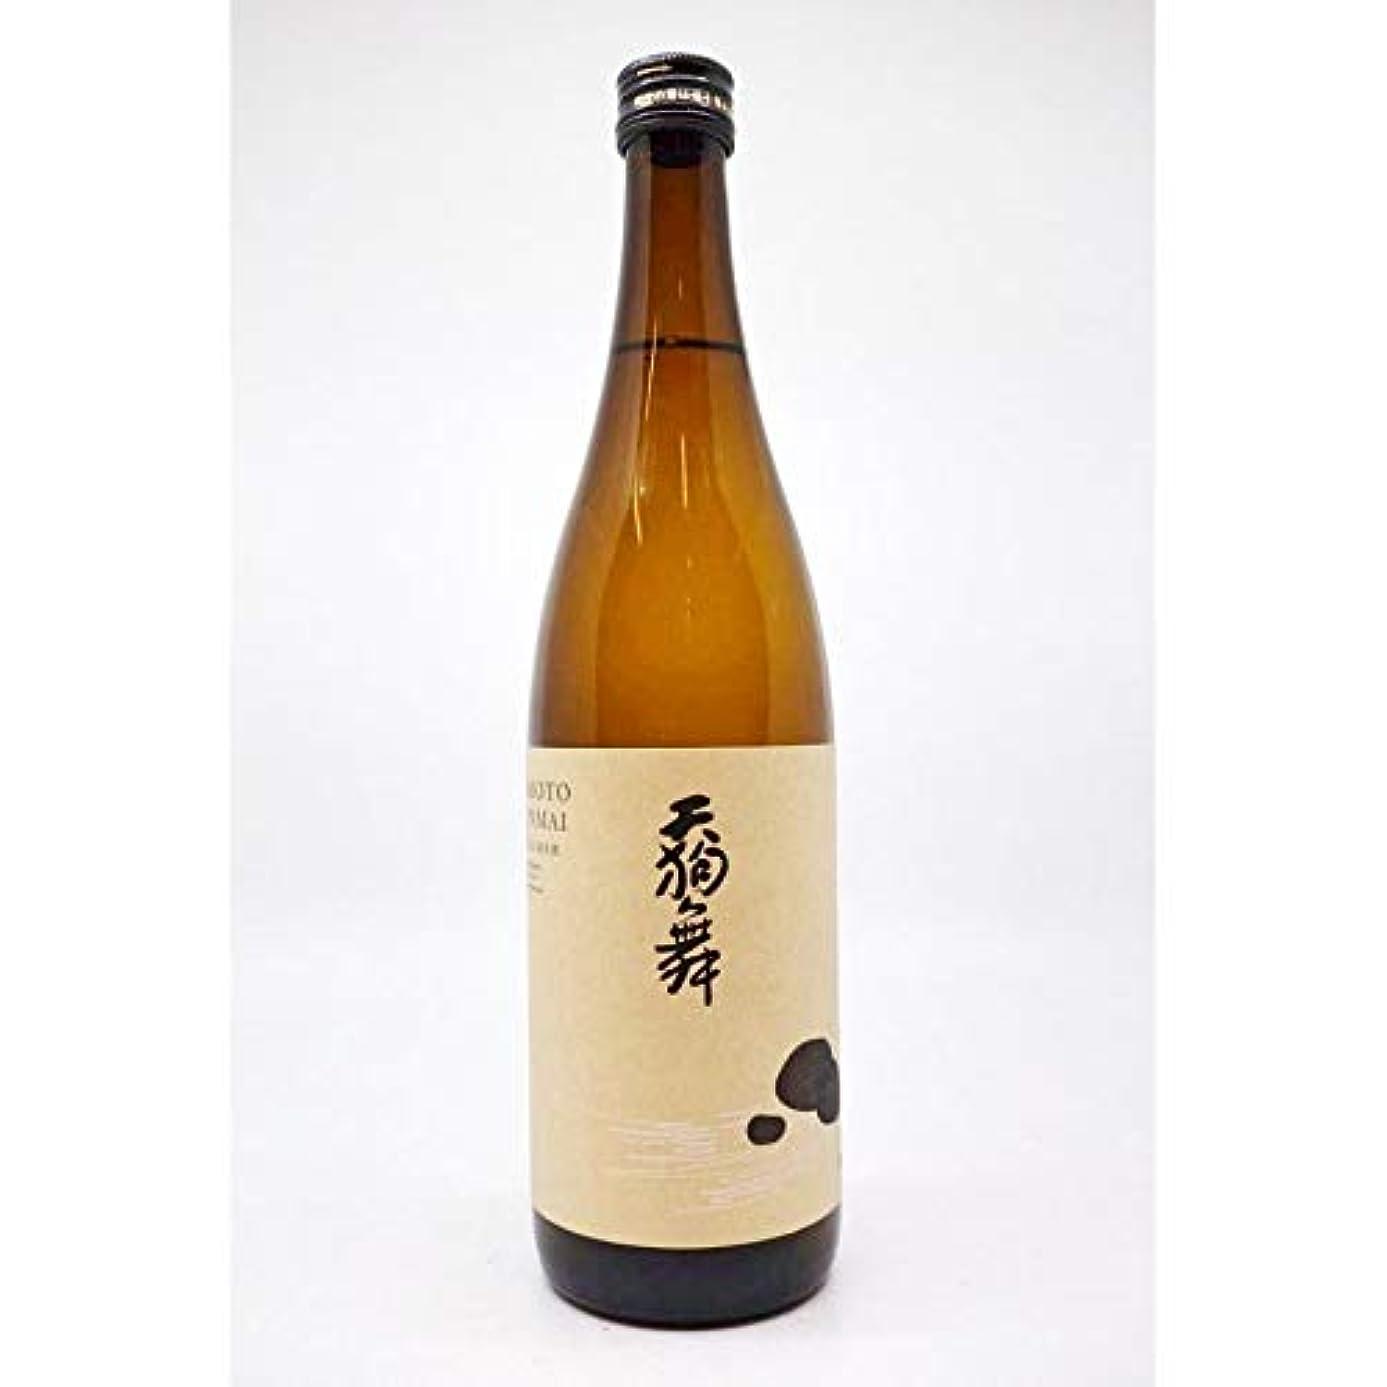 代わりに分離するユーモア天狗舞 生酛仕込純米酒 75 720ML